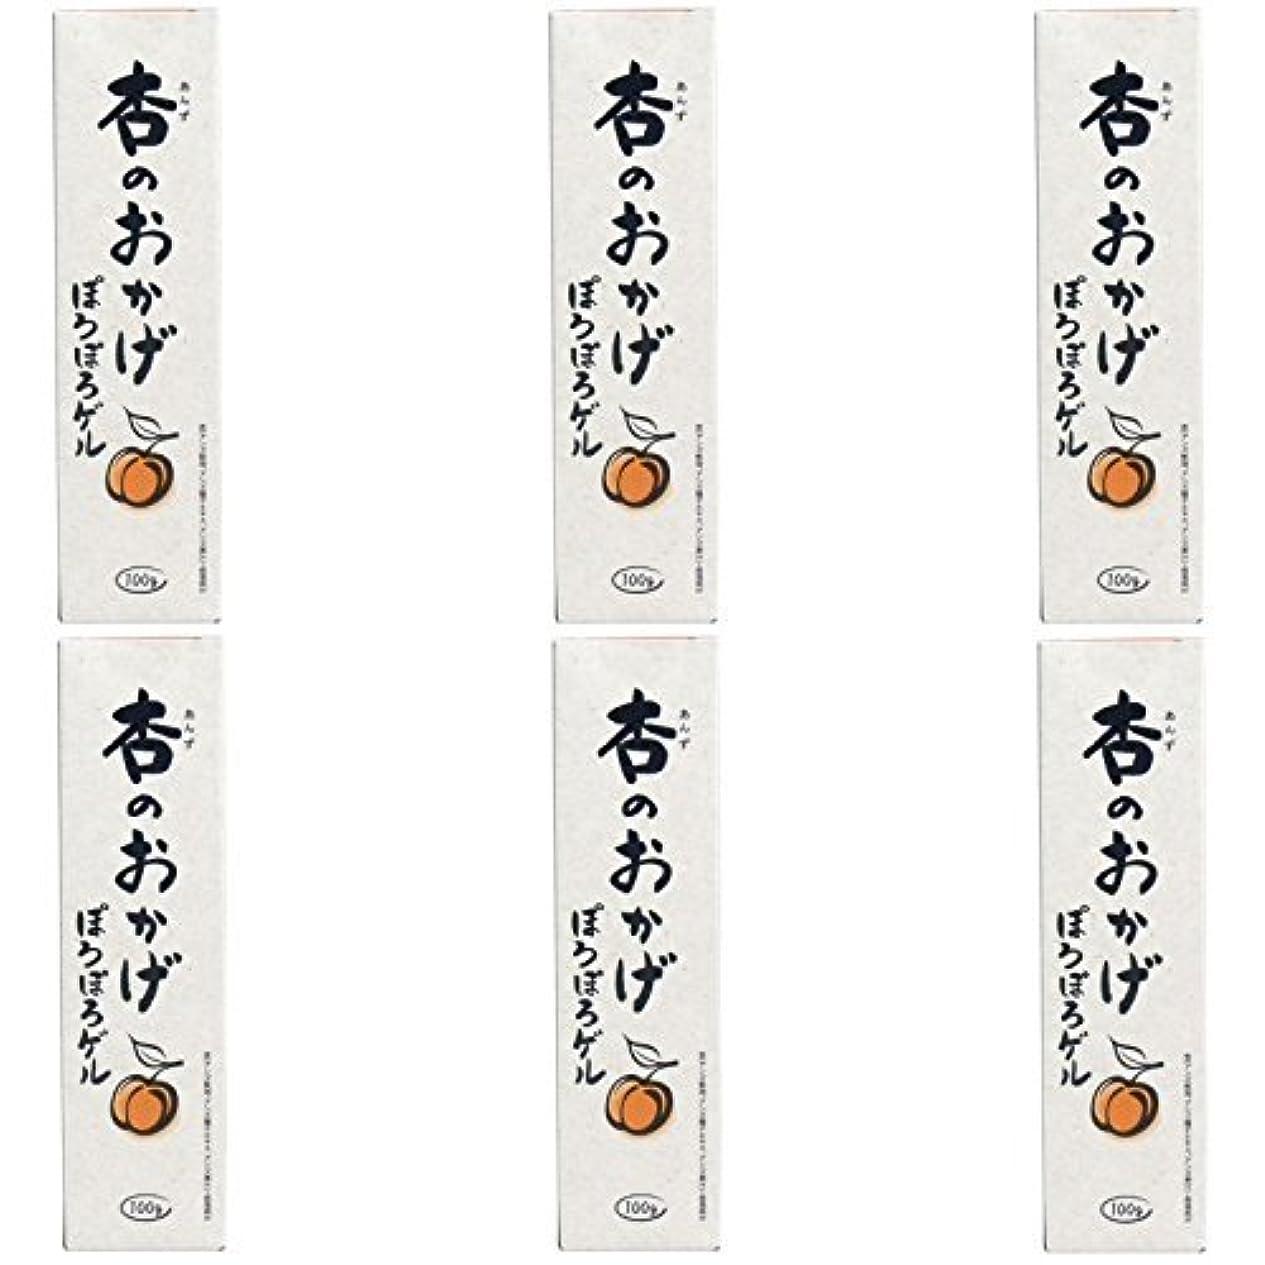 成功テニスゴールデン【まとめ買い】杏のおかげ ぽろぽろゲル 100g【×6個】